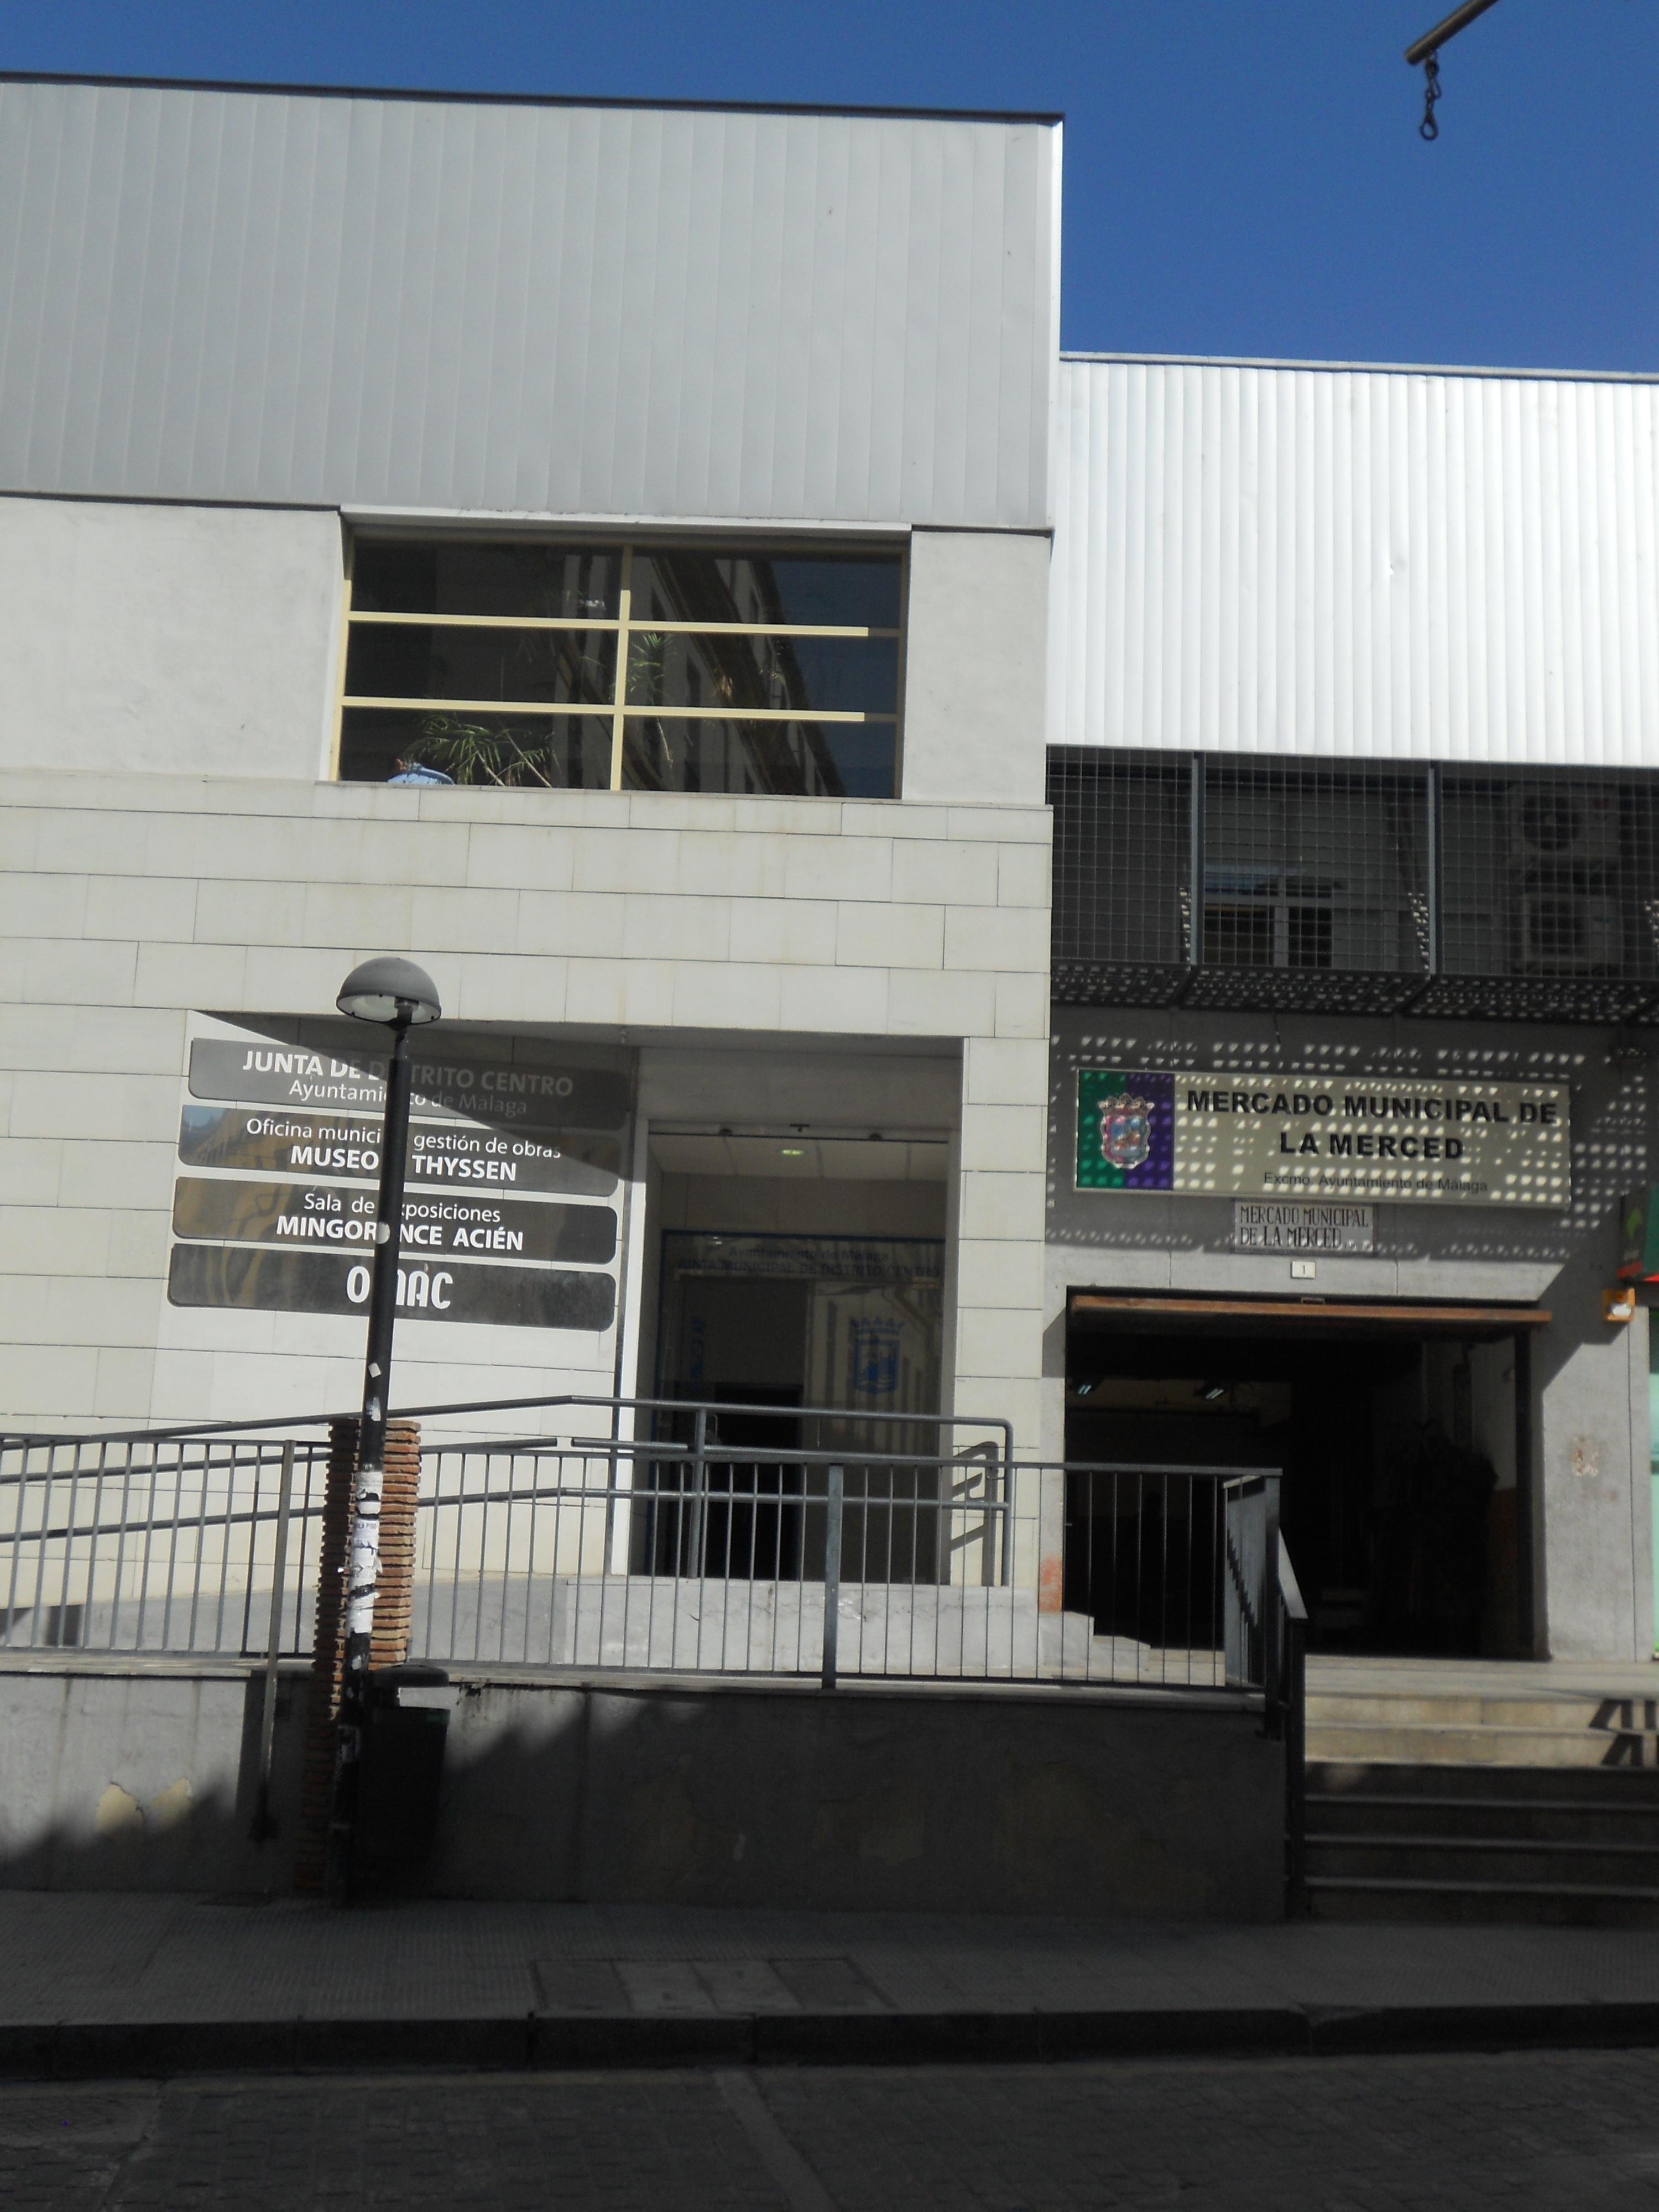 Oficina Municipal de Atención a la Ciudadanía (OMAC 1 - Centro)